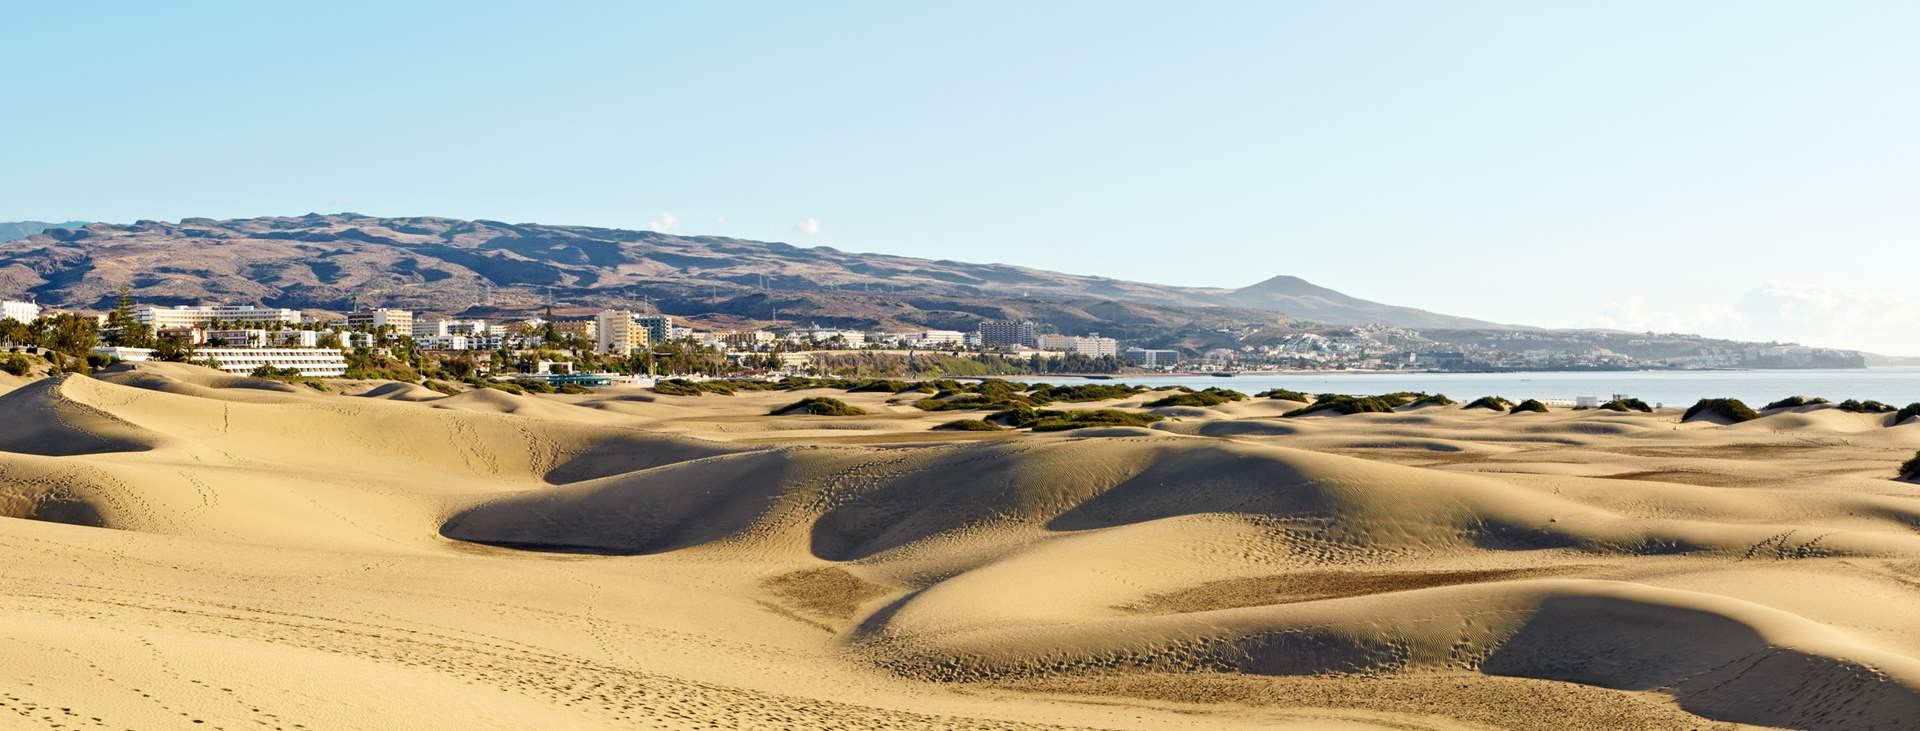 Boka din resa till Gran Canaria, Kanarieöarna, med Ving